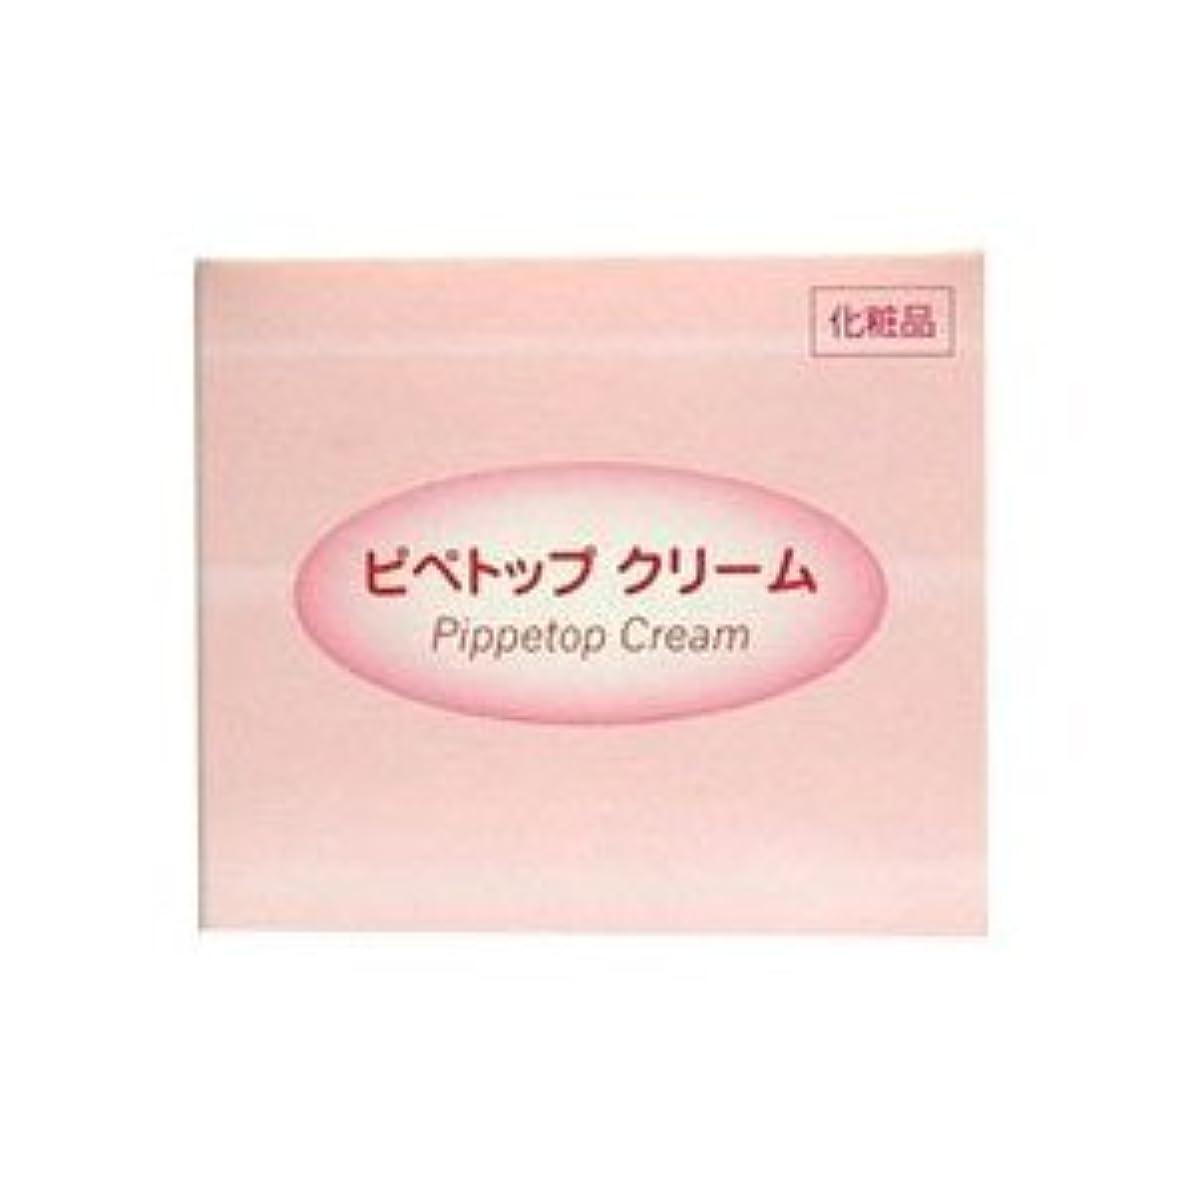 翻訳者造船通貨〔原沢製薬〕ピペトップクリーム 43g ×3個セット